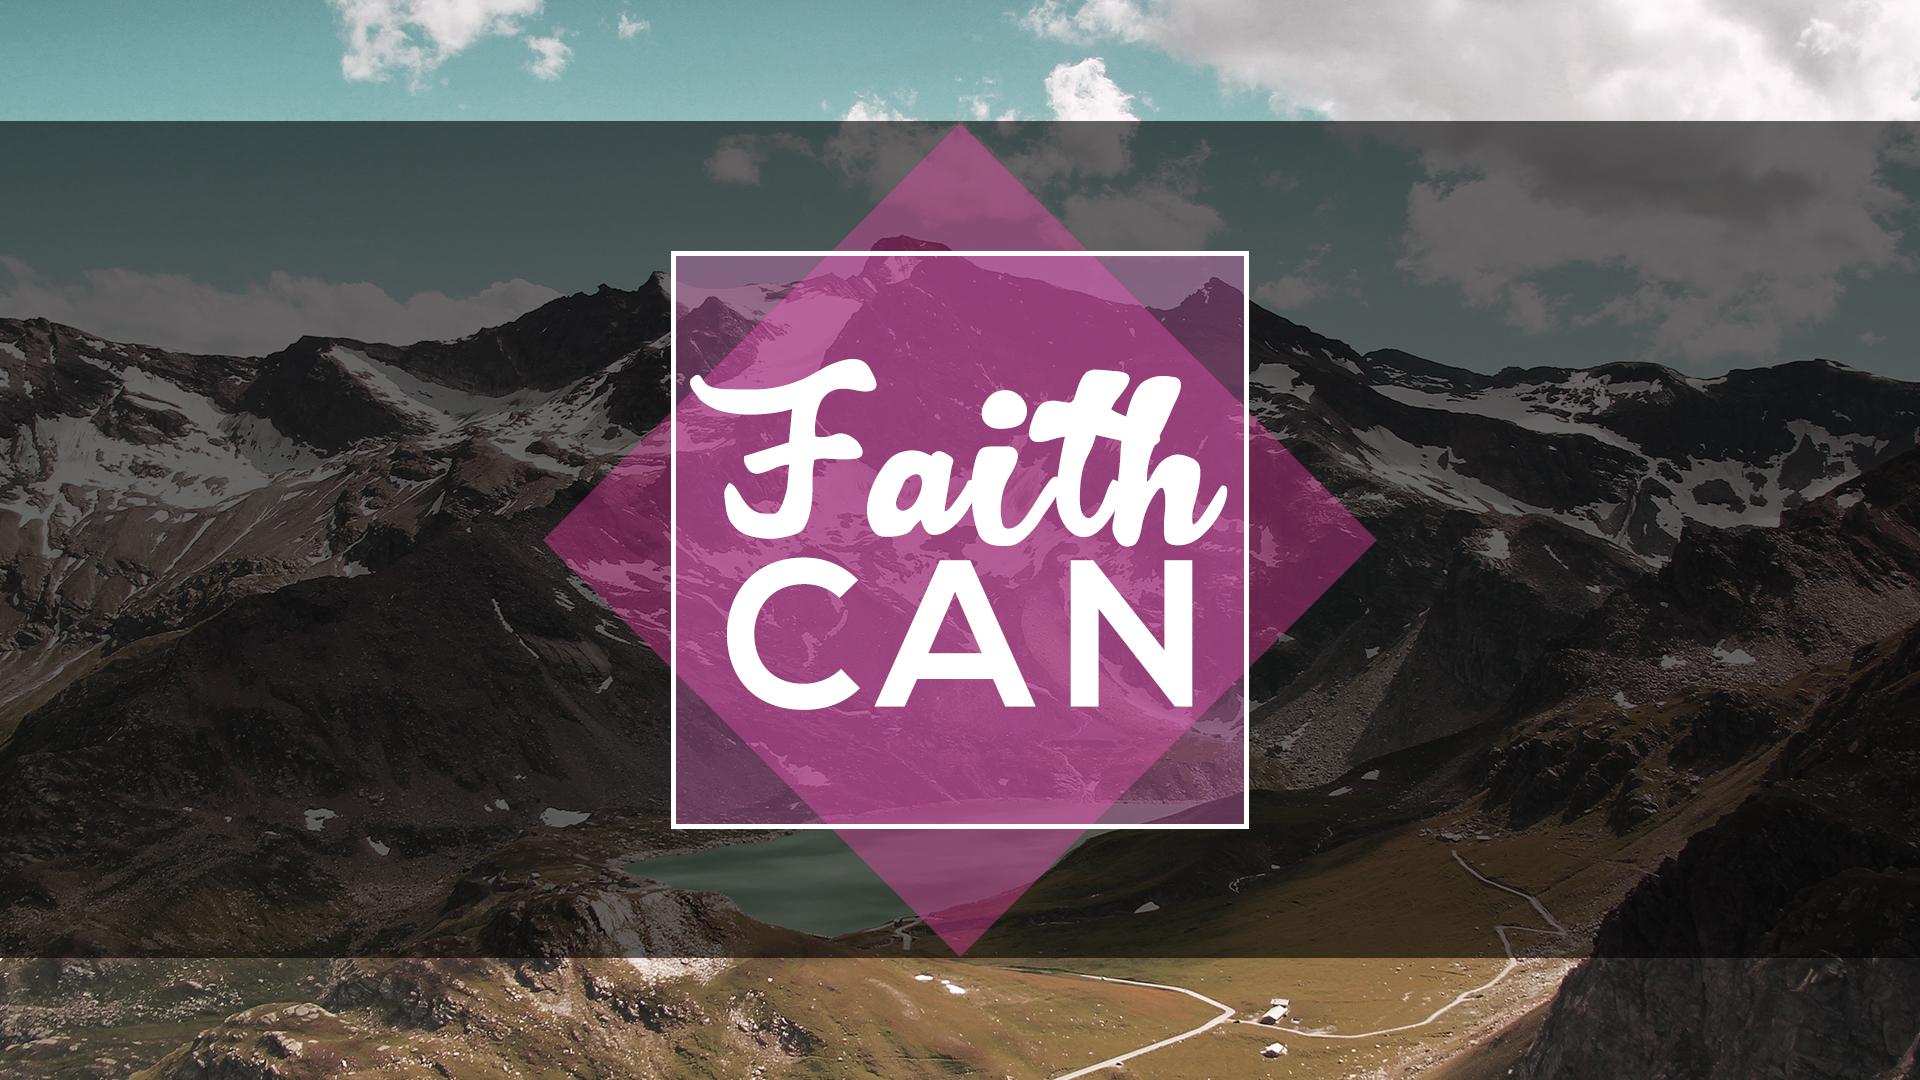 faithcan.jpg